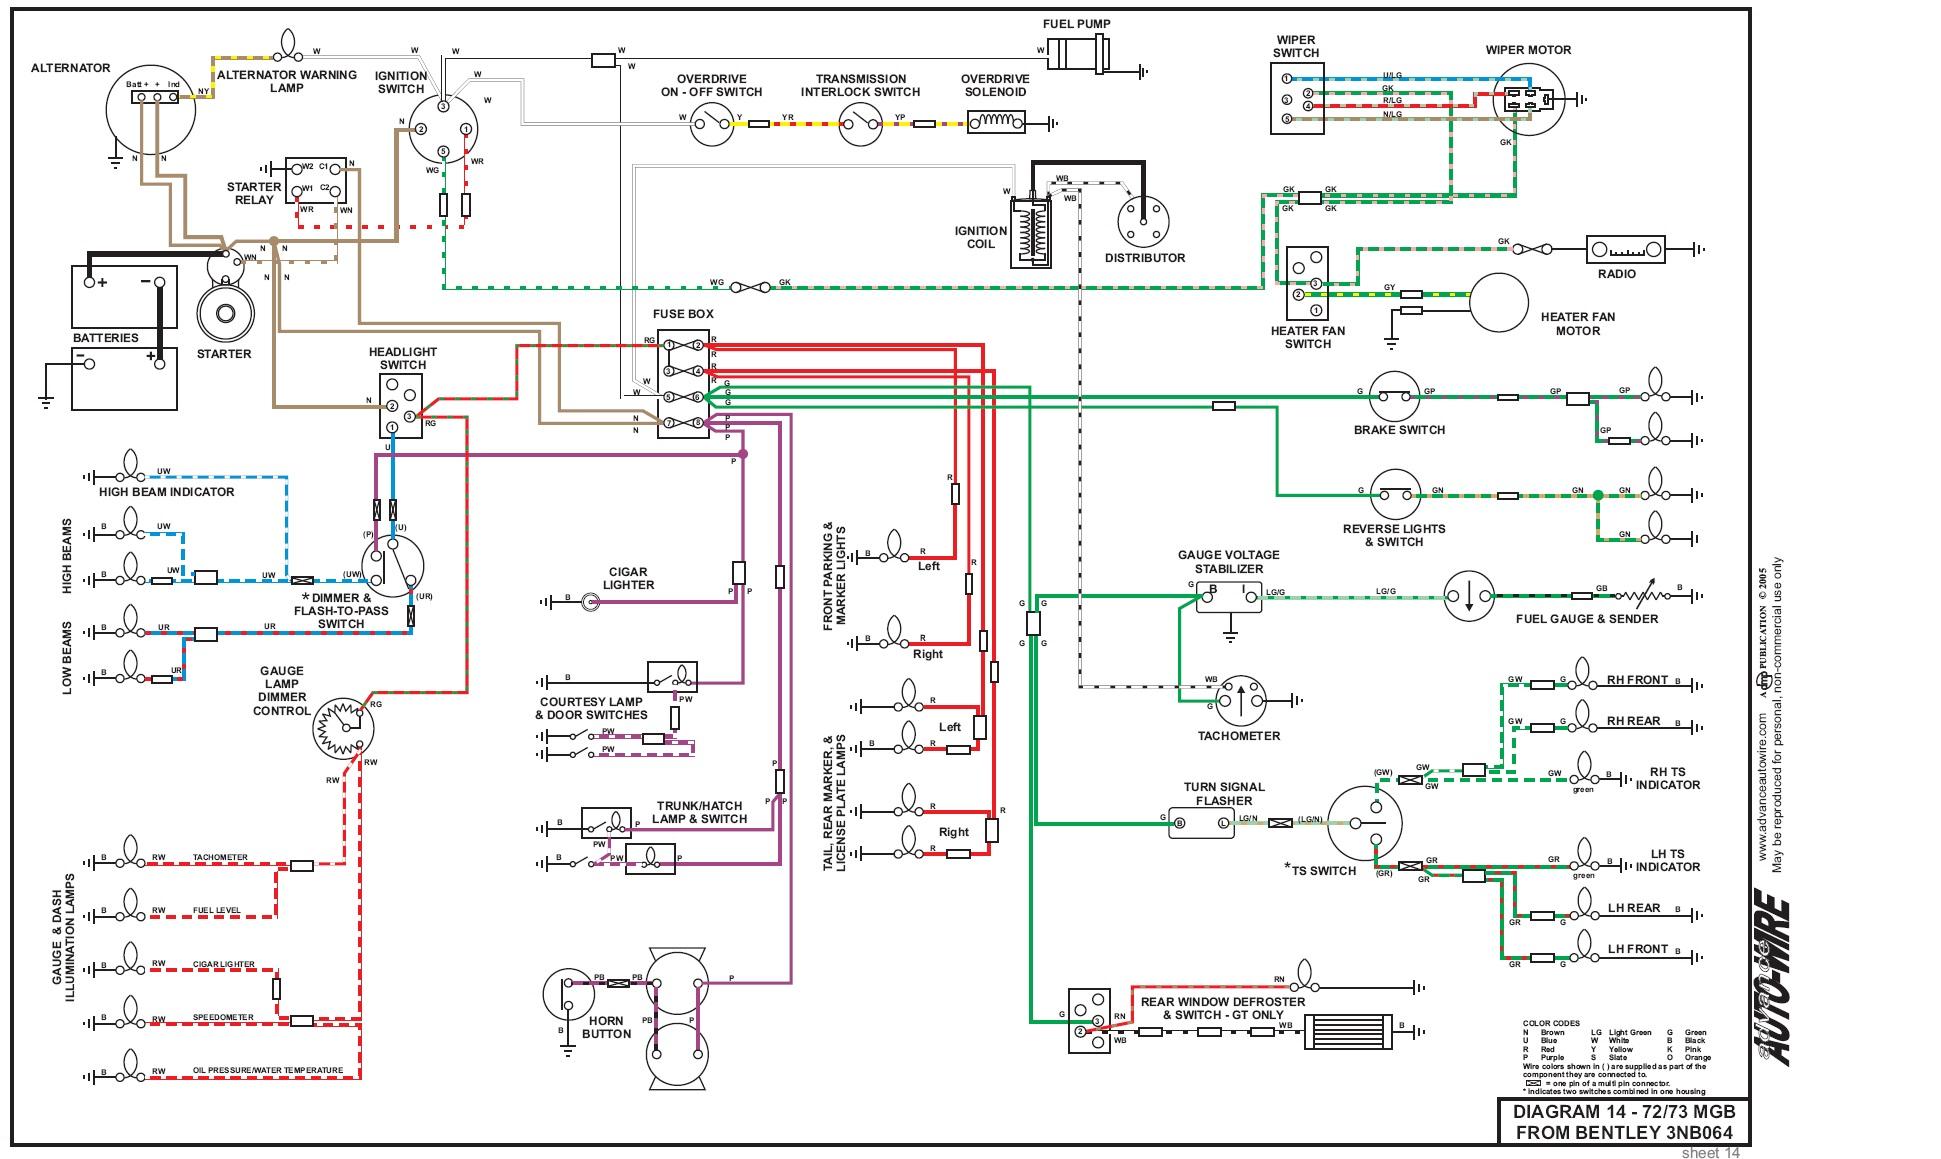 79 mg midget wiring diagram all wiring diagram Ford Galaxy